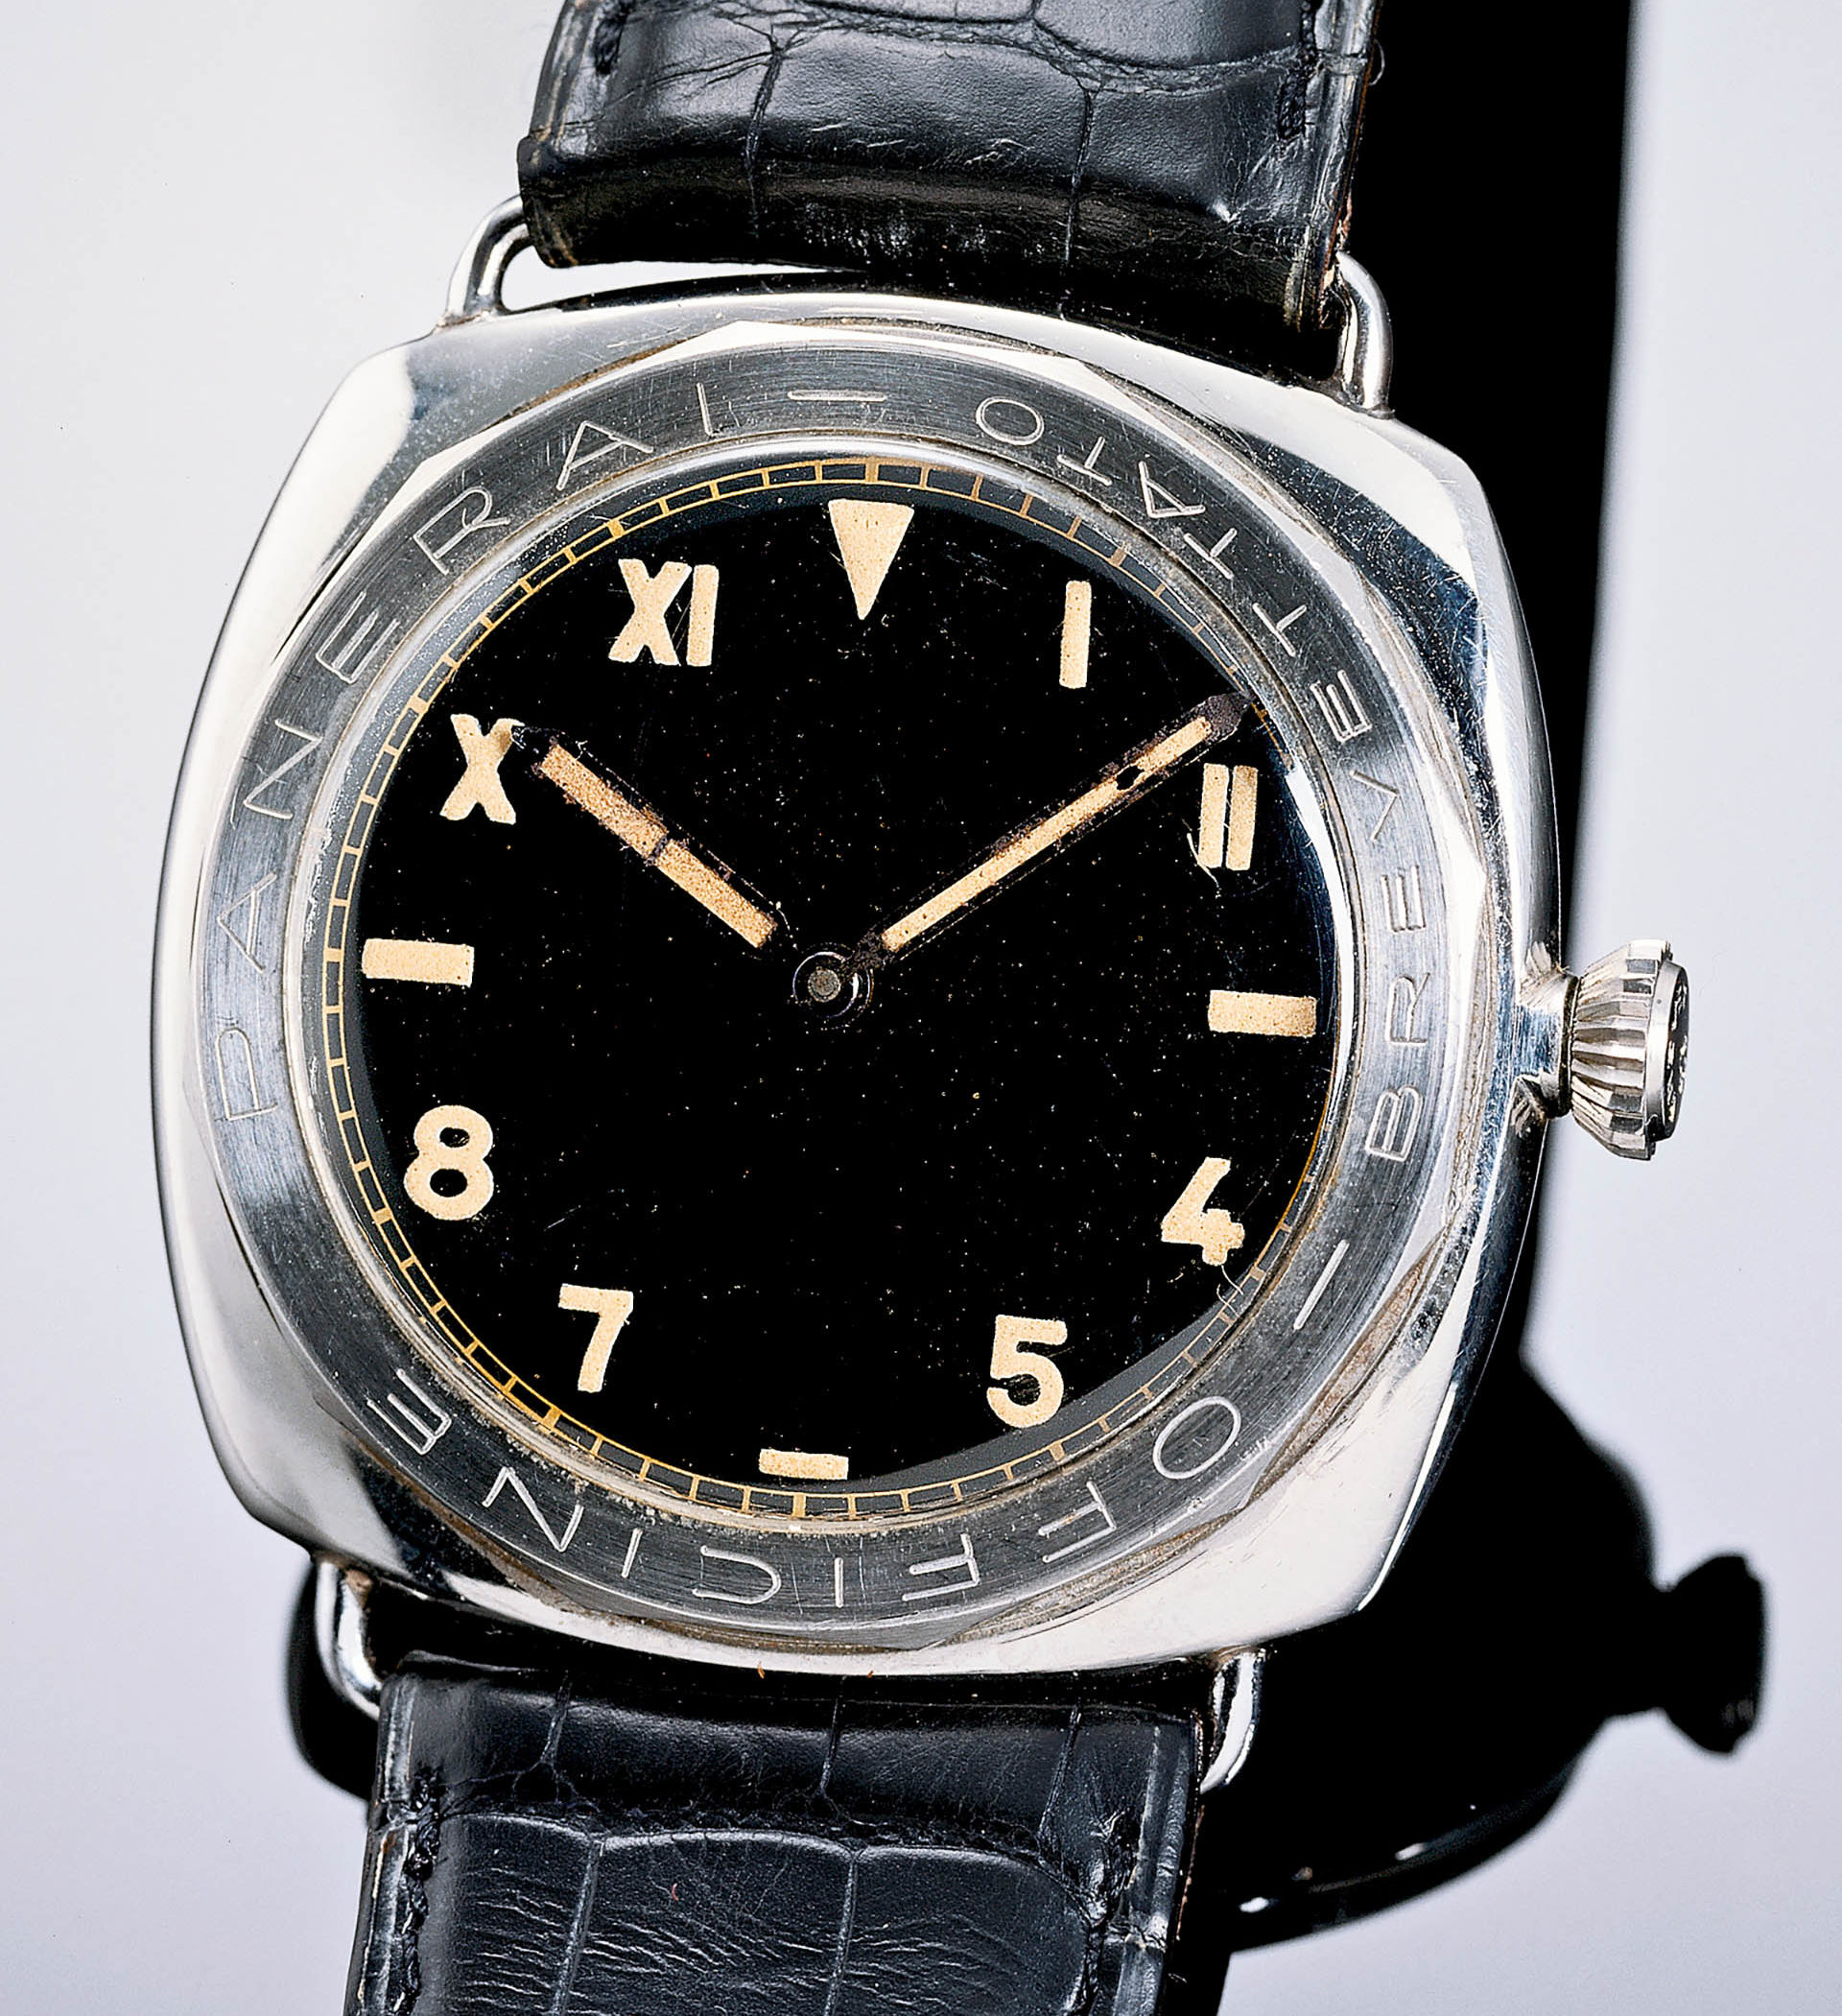 Rolex Taucheruhr für Officine Panerai